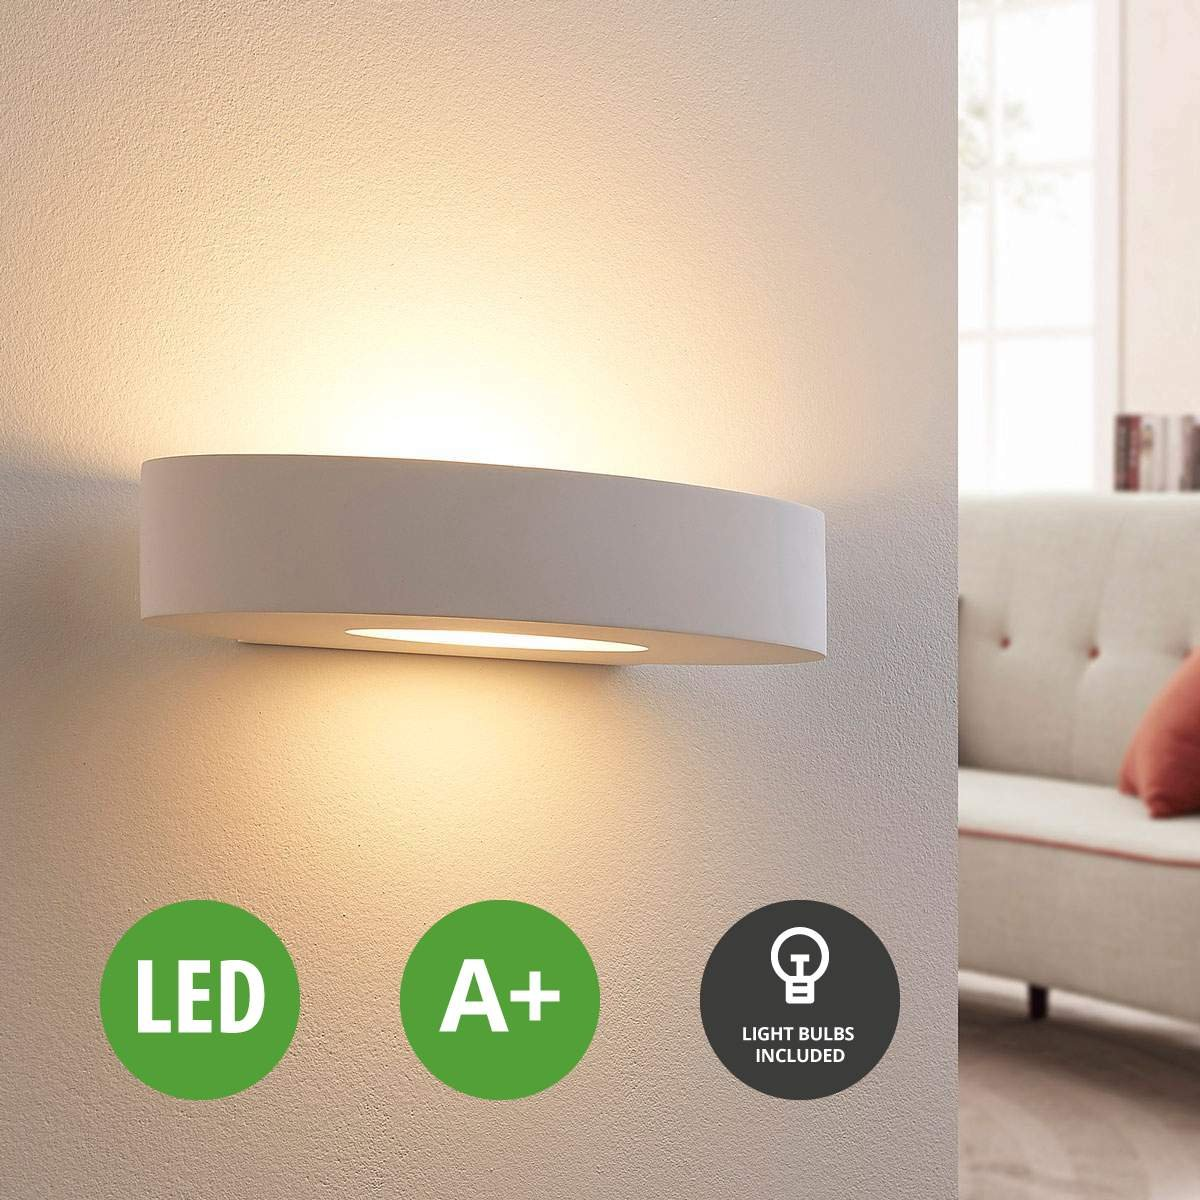 Lampenwelt LED Wandleuchte Rochus dimmbar (Modern) in Weiß aus Gips/Ton u.a. für Wohnzimmer & Esszimmer (1 flammig, G9, A+, inkl. Leuchtmittel) | LED-Wandlampe, Wandlampe, Licht nach oben unten, Wohnzimmerlampe [Energieklasse A+]